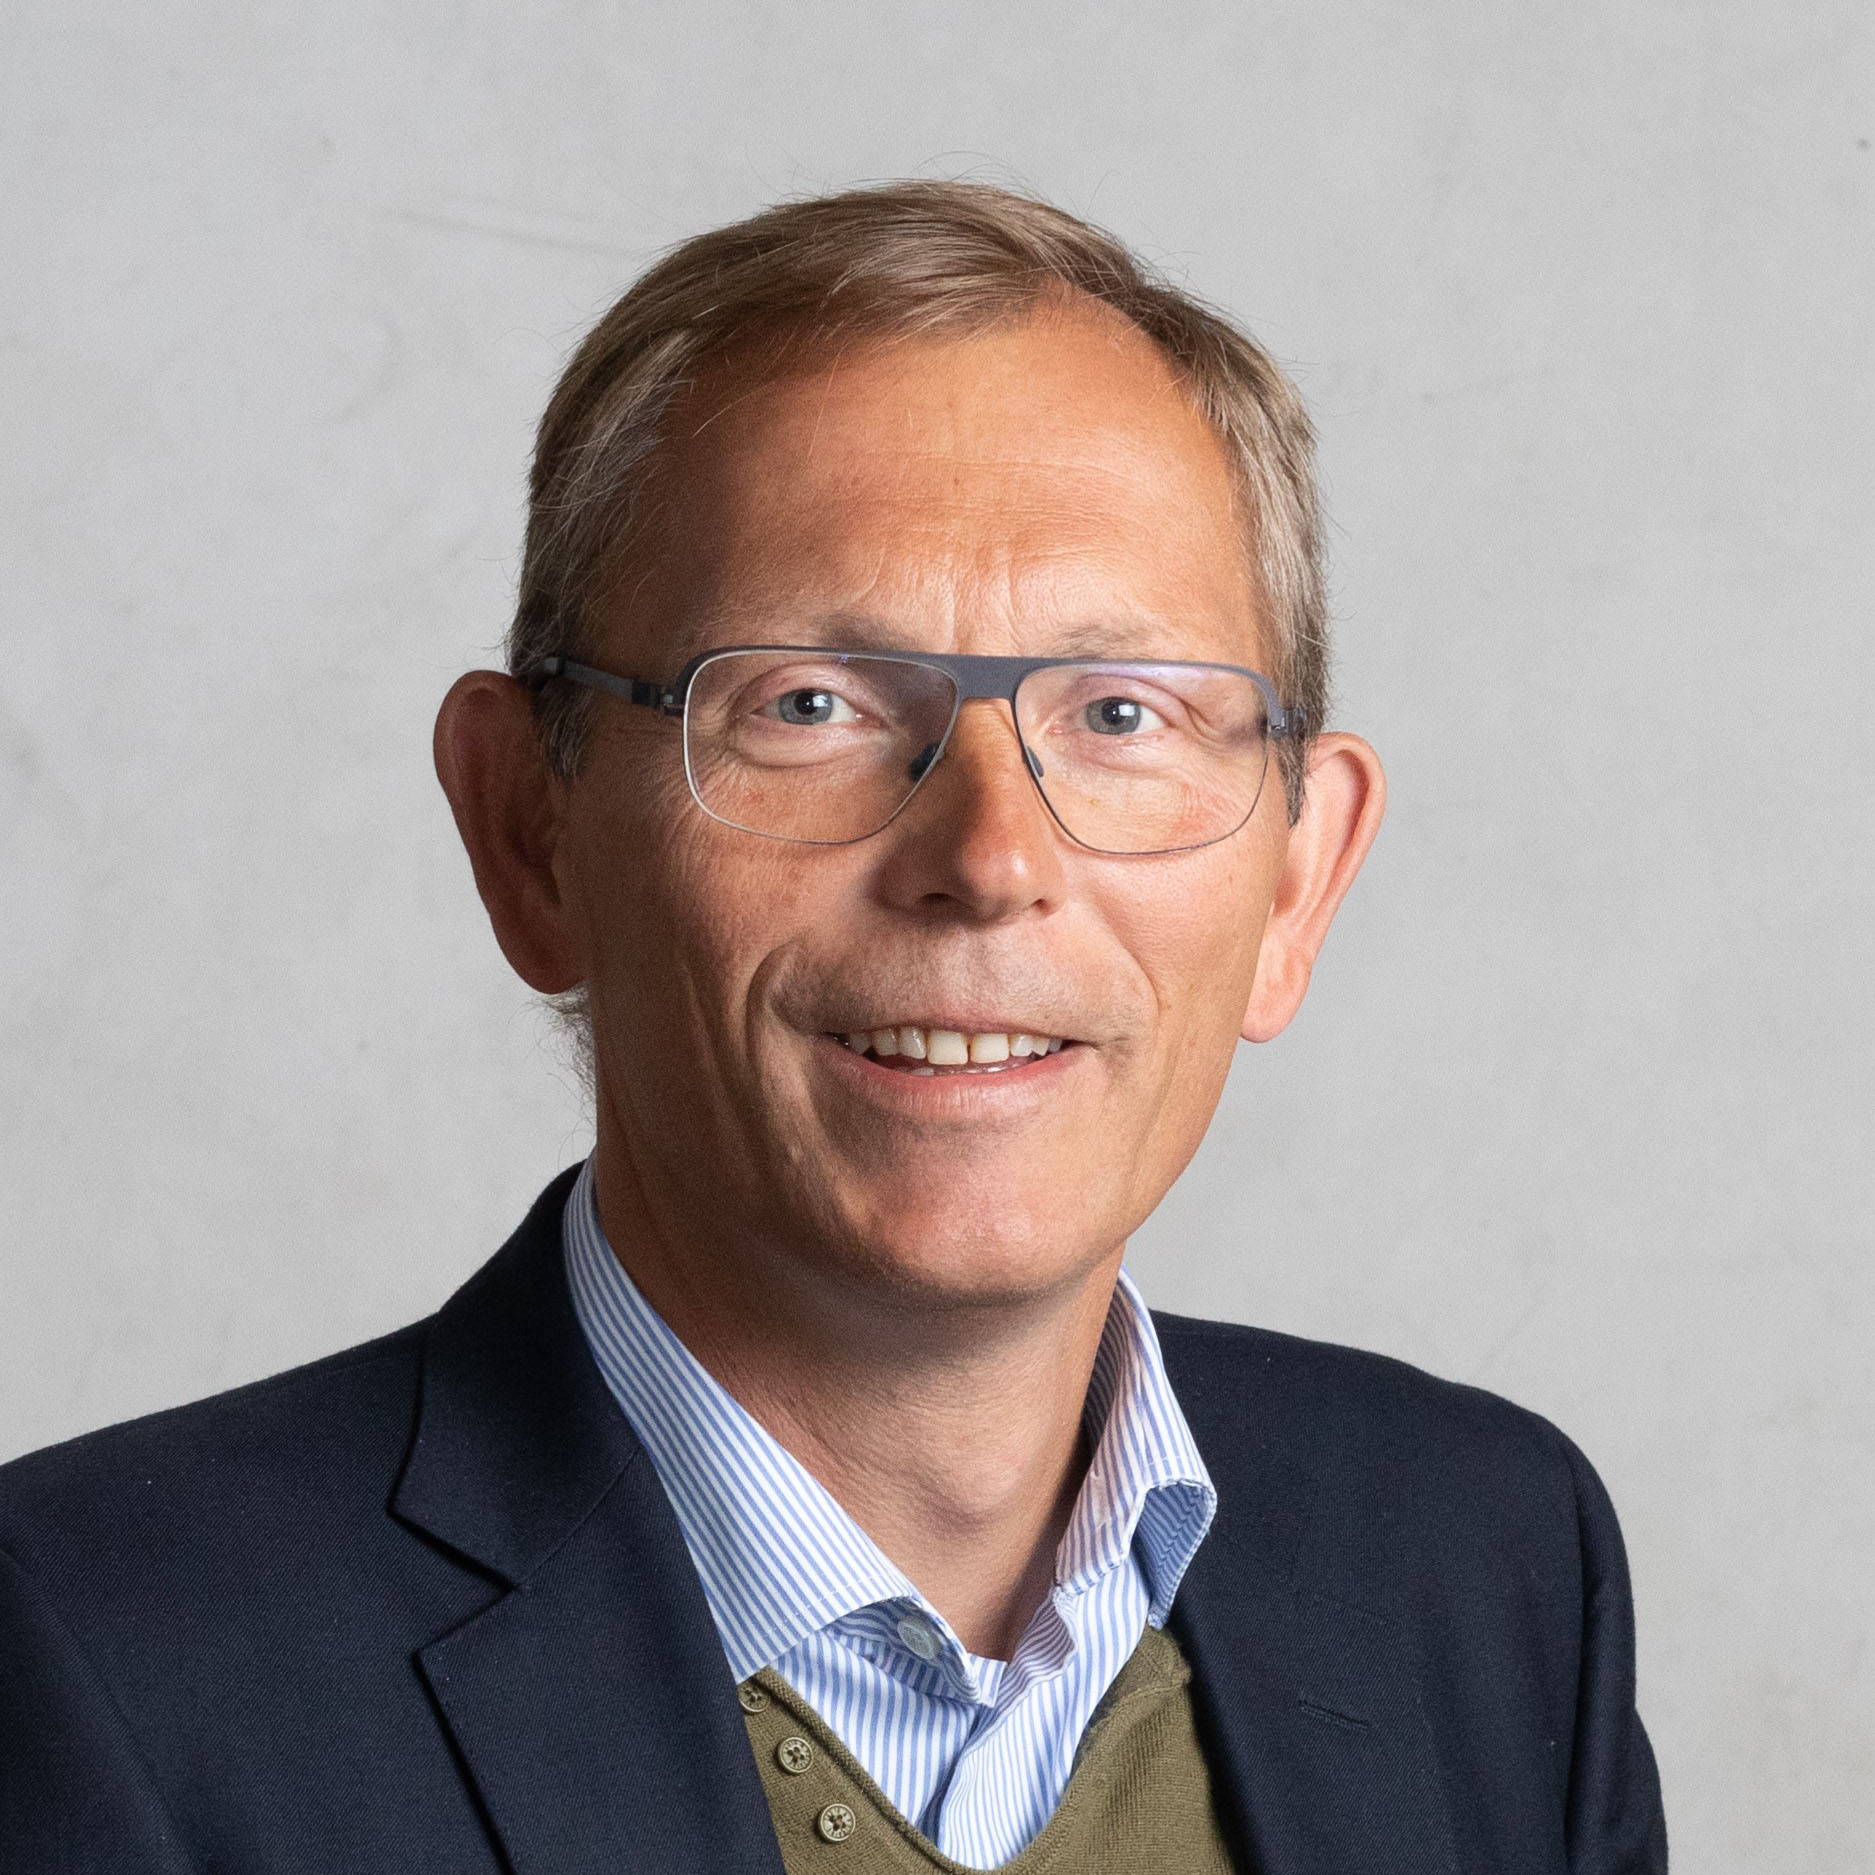 Søren Jørgensen web